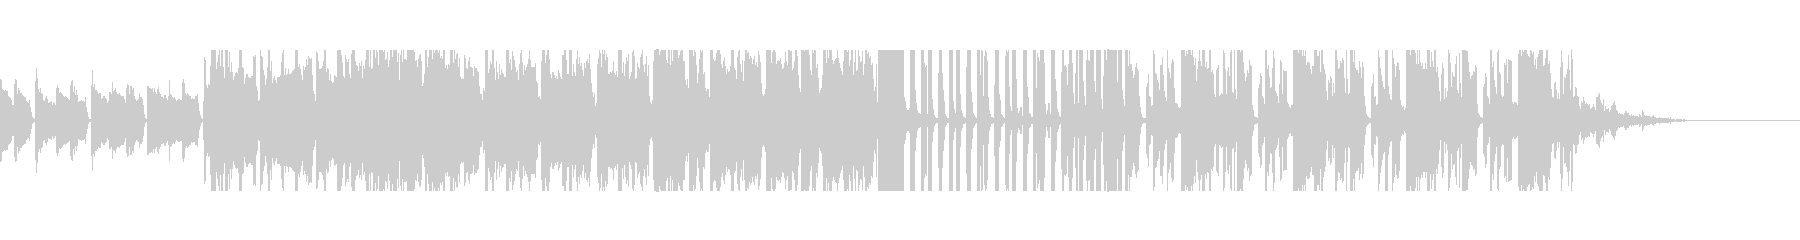 シンセリードが目立つリズミカルなBGMの未再生の波形